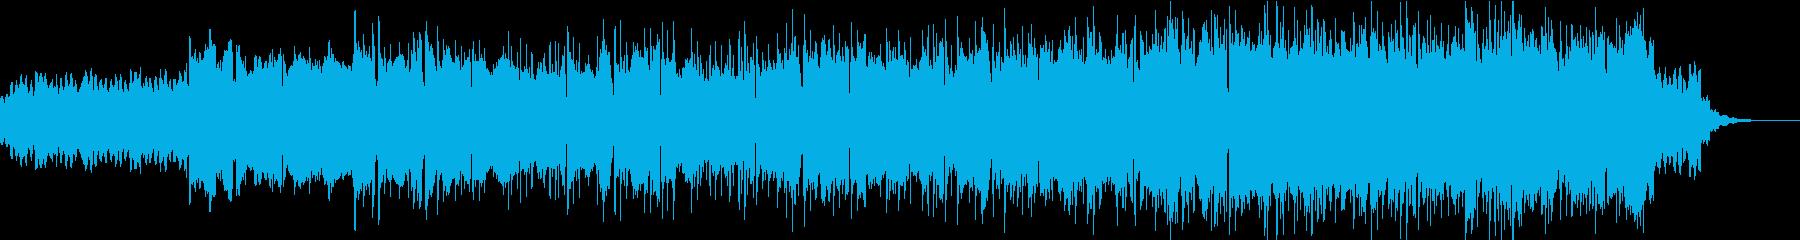 優しく懐かしいゆったりとしたテクノポップの再生済みの波形